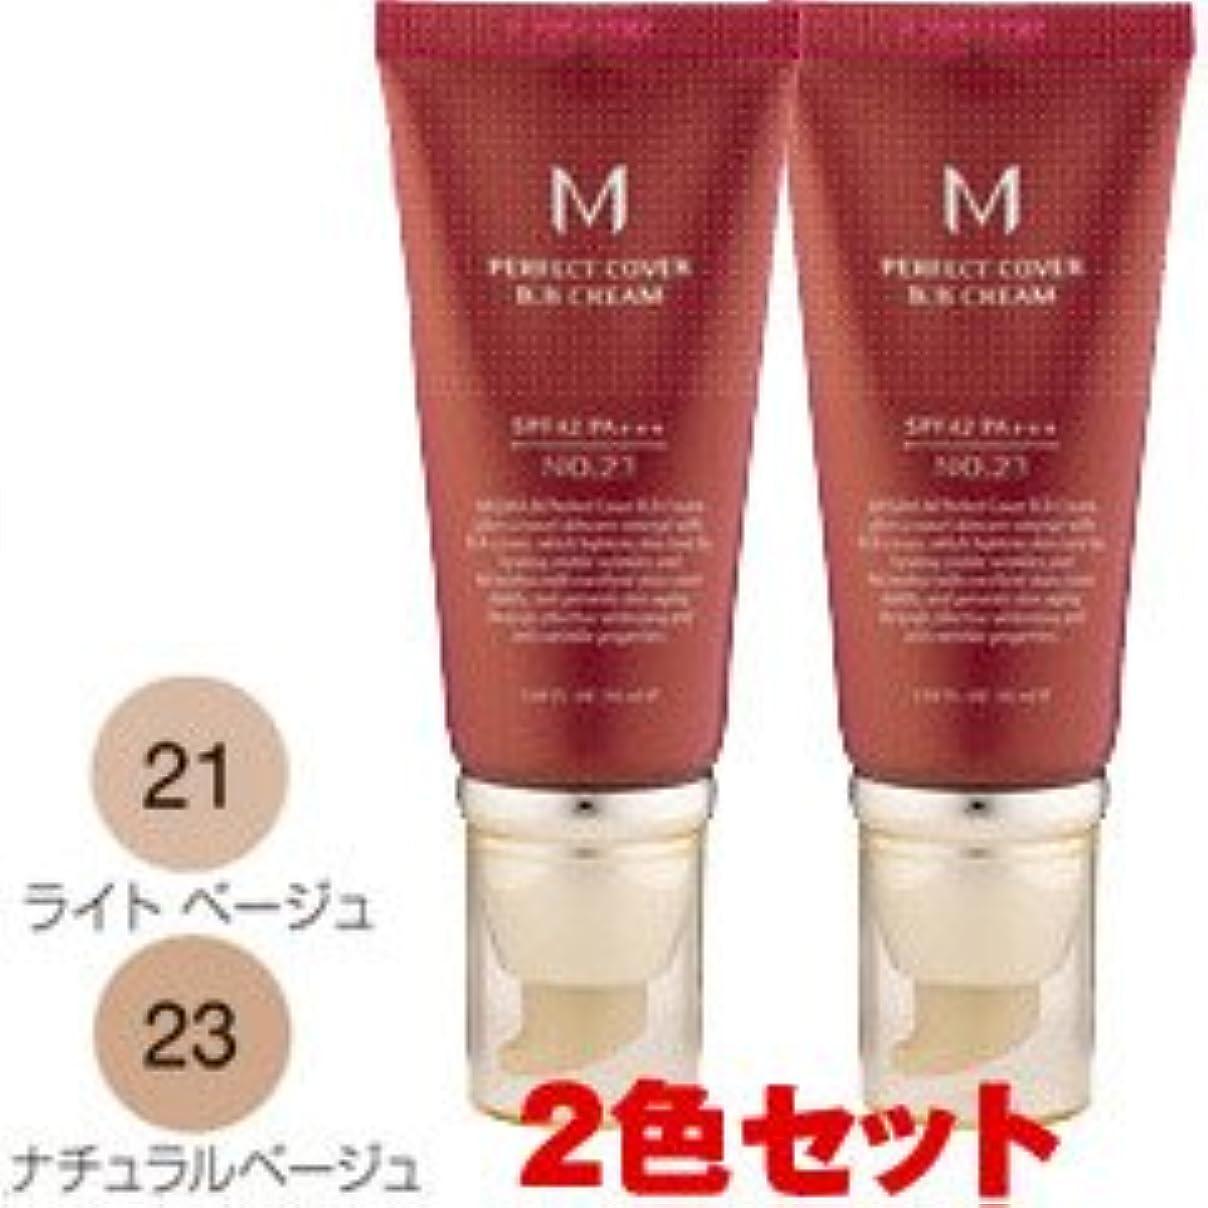 調和チラチラする解放Missha(ミシャ) M BBクリーム UV SPF42 PA+++ #21 と #23 の2色セット 50ml×2個セット [並行輸入品][海外直送品]